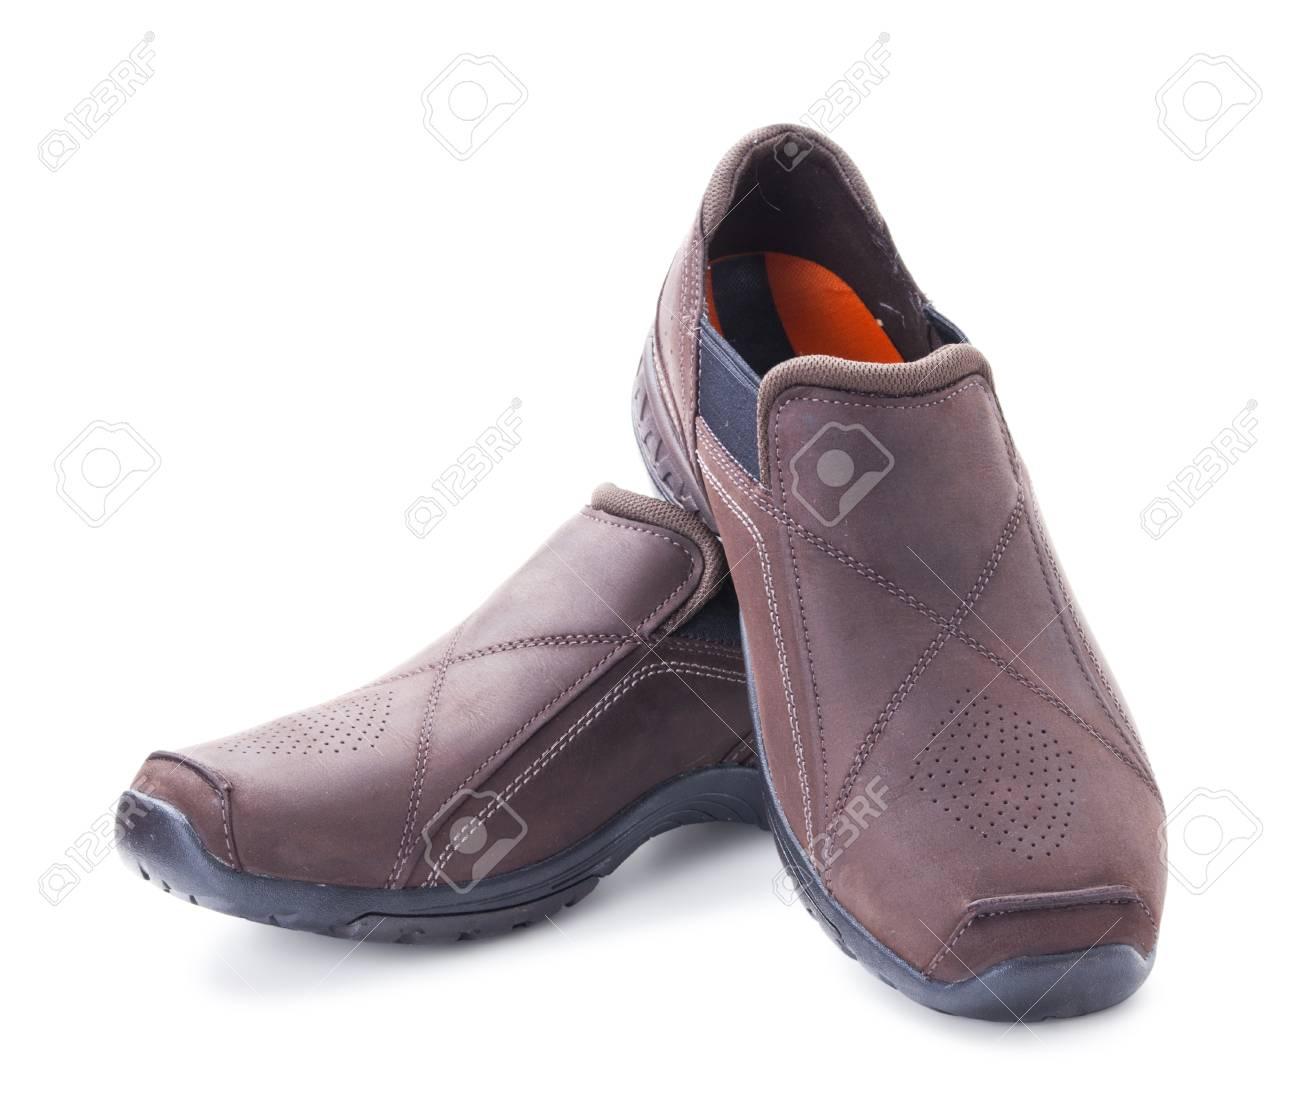 Aisladas Fondo Hombres Blanco Marrón Sobre Zapatos De Ante k80wOnP